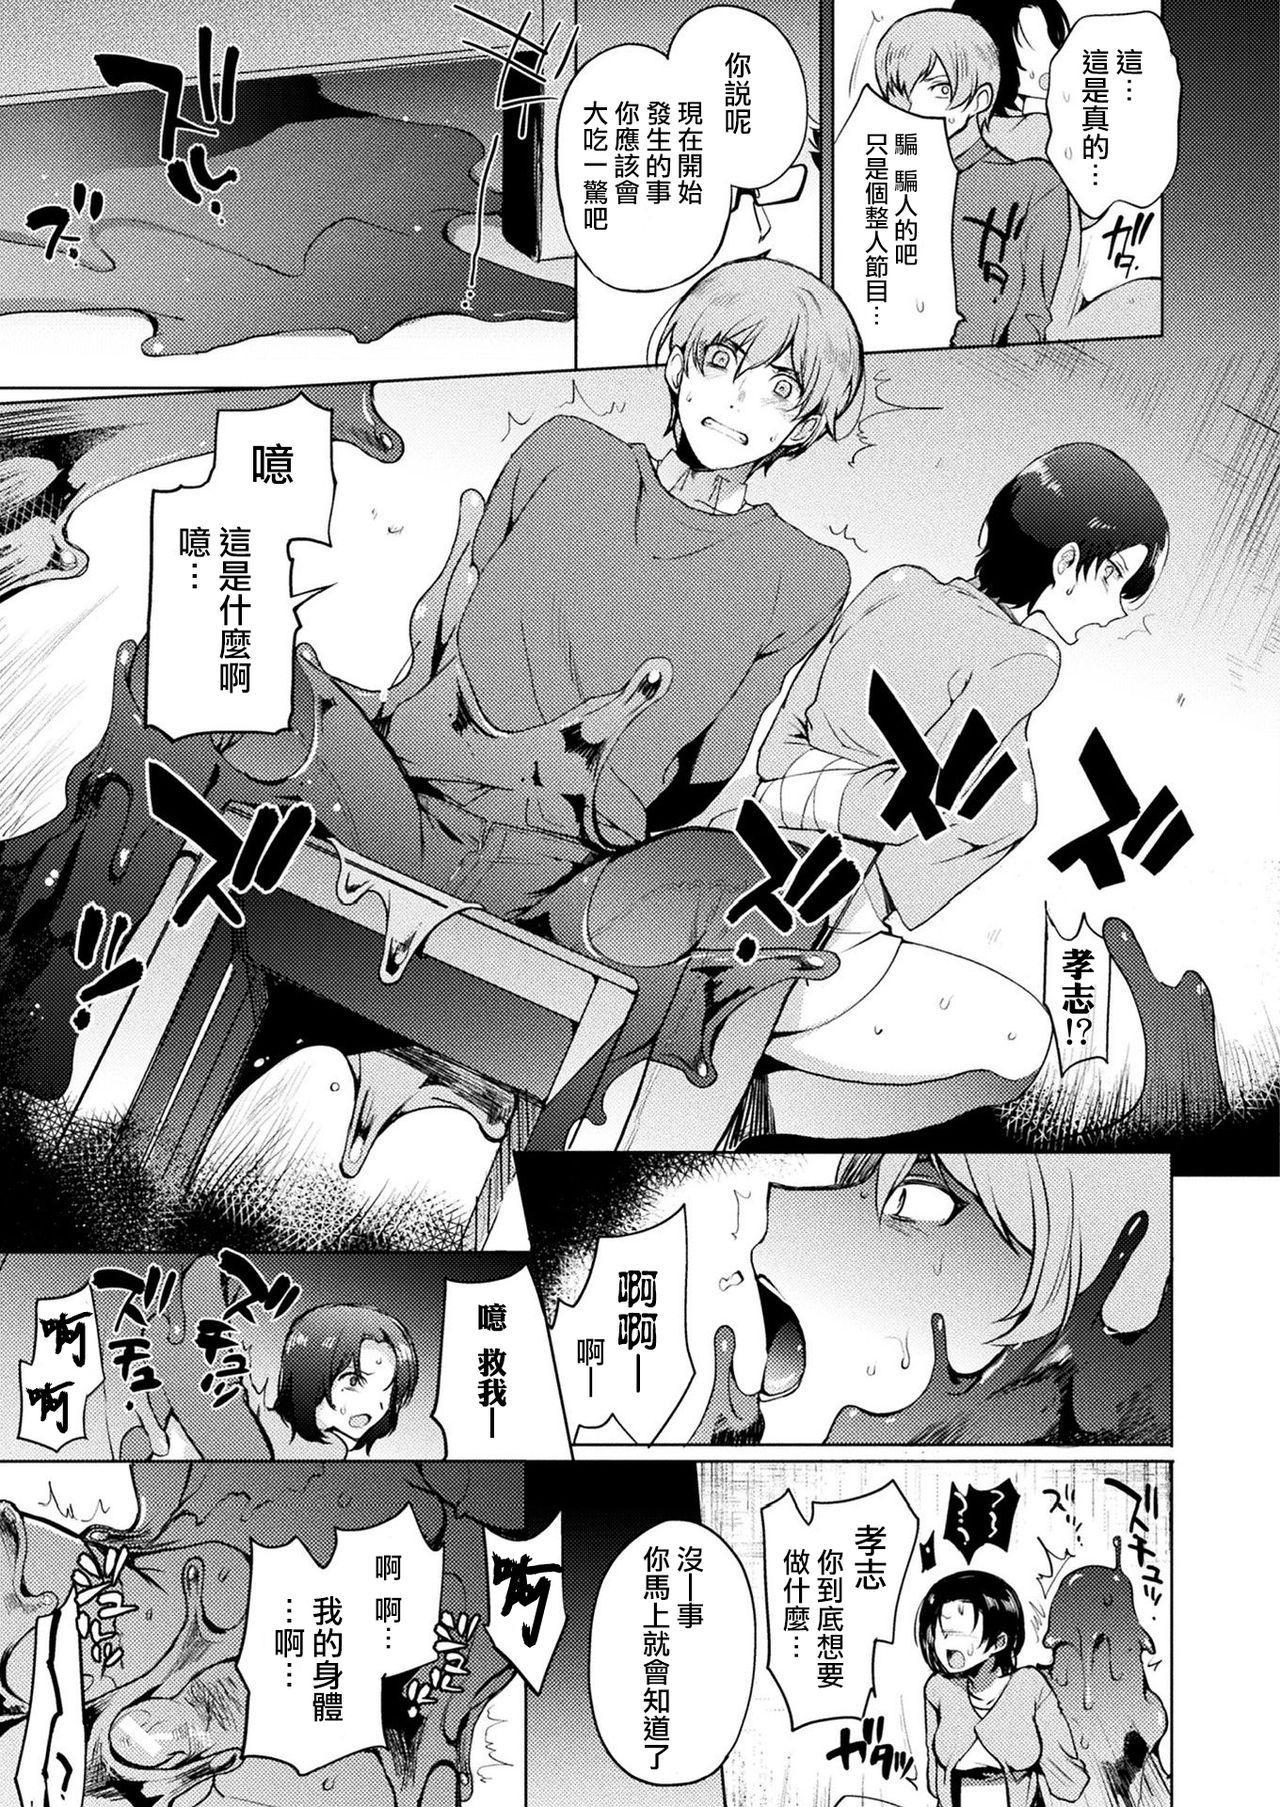 Himitsu no TS Chika Kenkyuujo 2